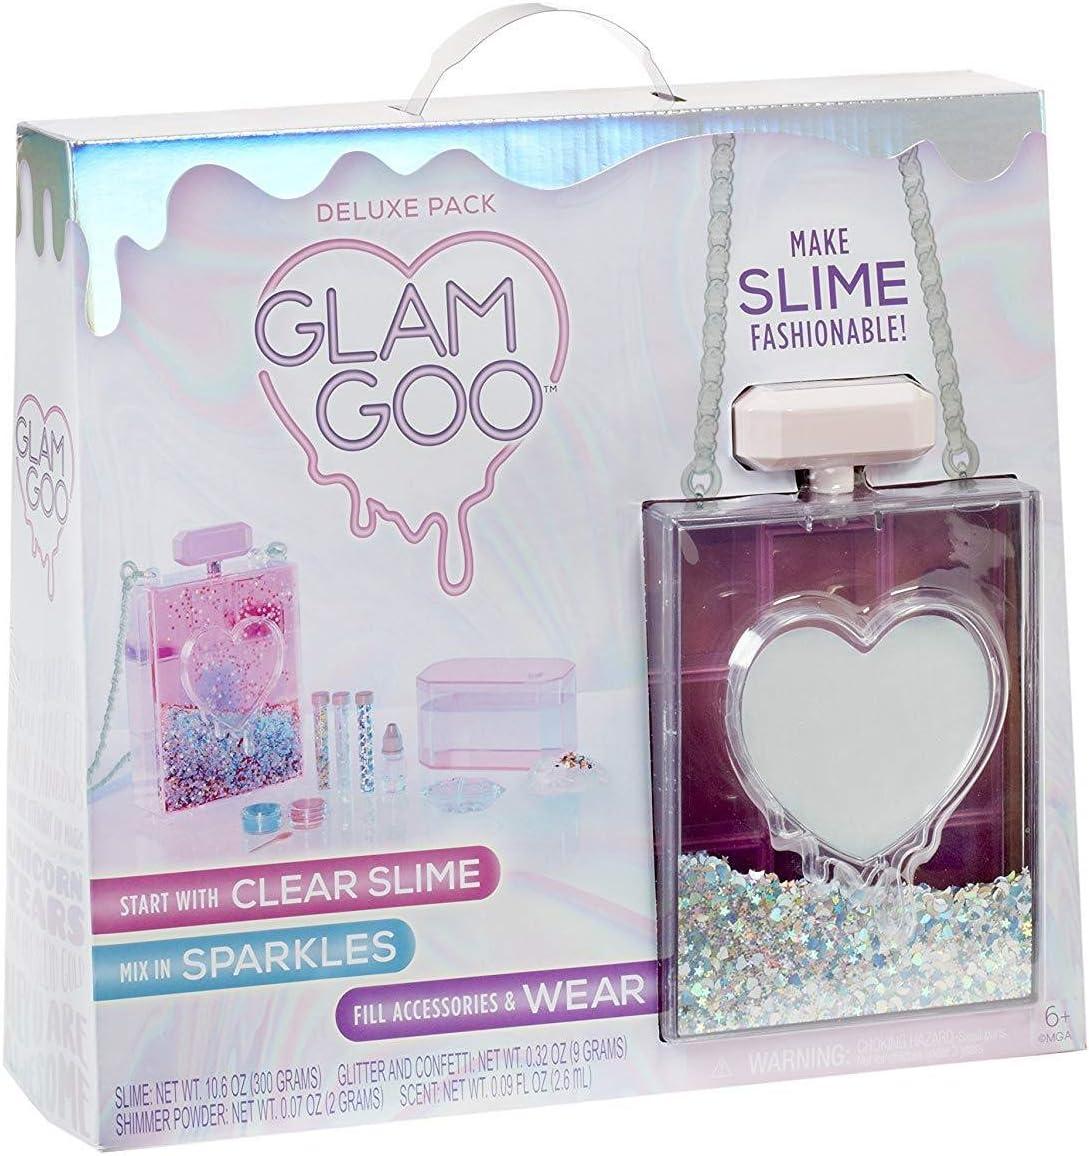 Glam Goo Paquetes: Amazon.es: Juguetes y juegos